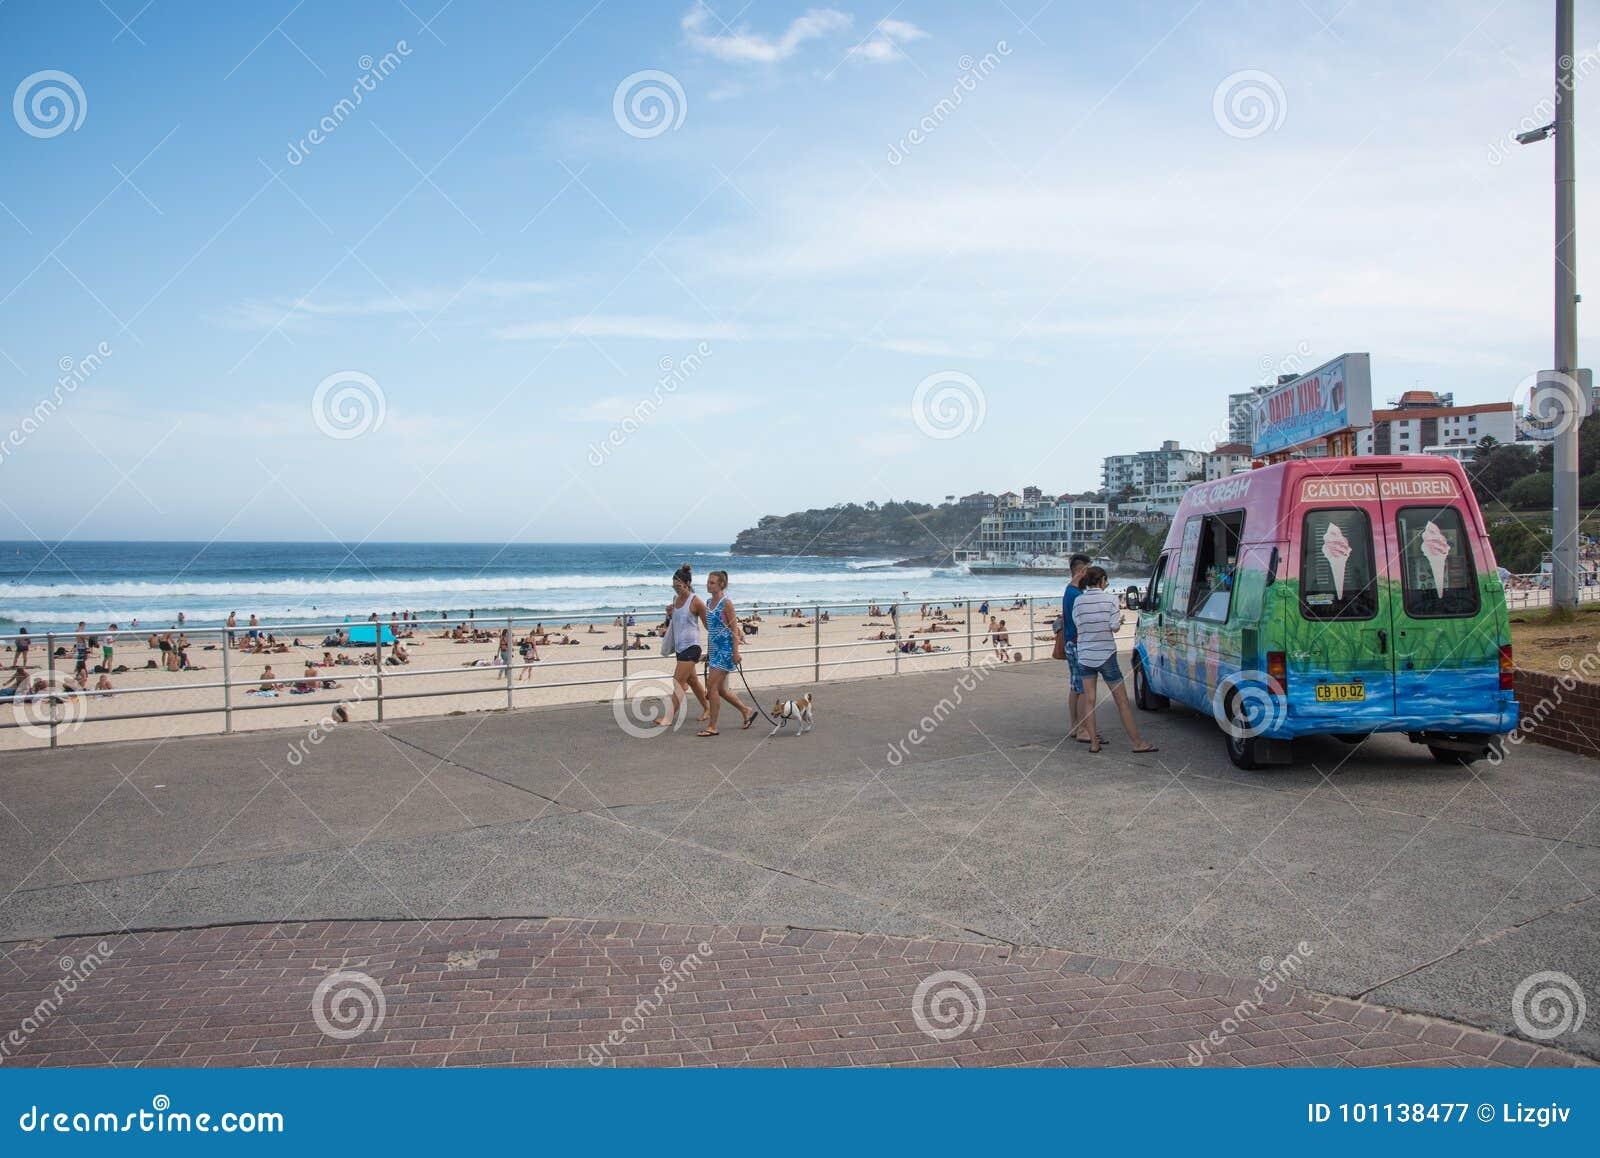 Bondi Beach Ice-Cream Break